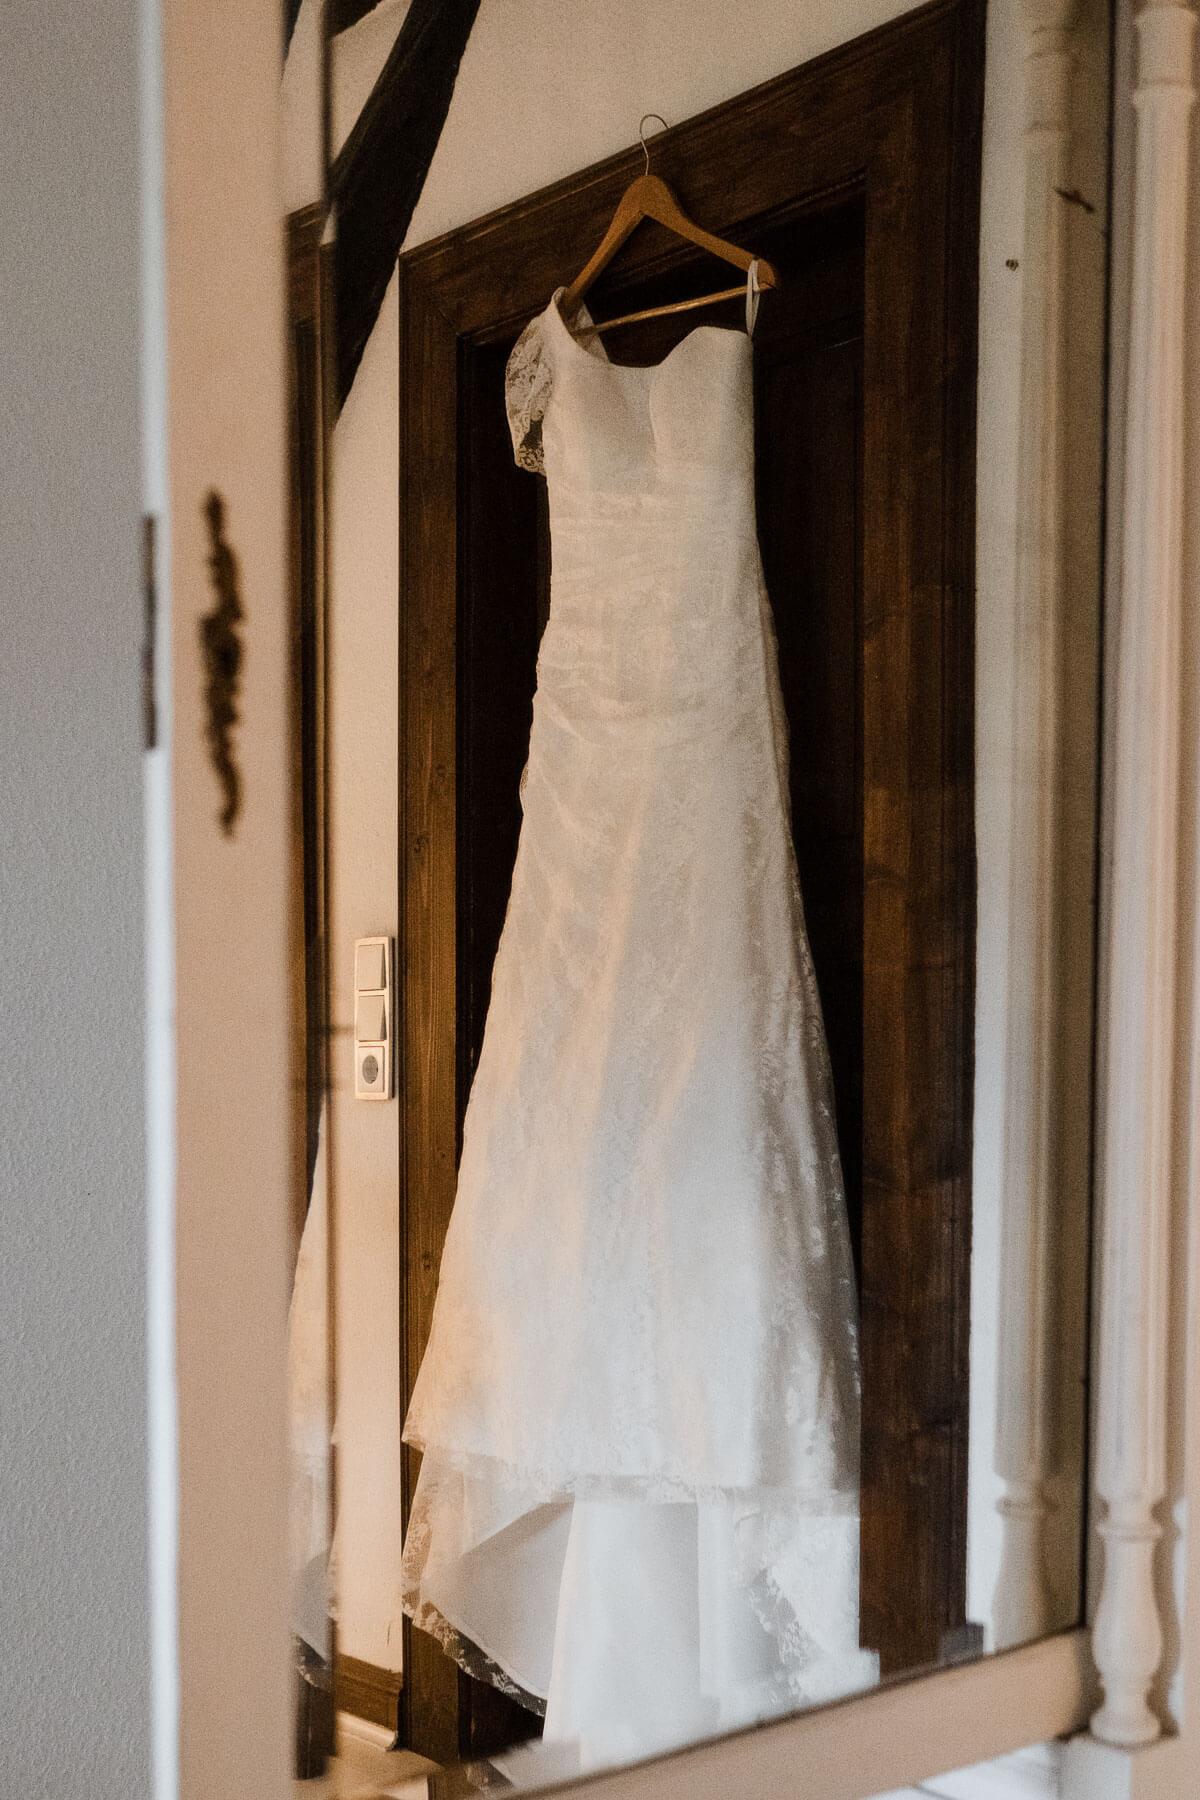 an einer großen, alten Holztür hängt ein weißes Brautkleid an einem Holzbügel